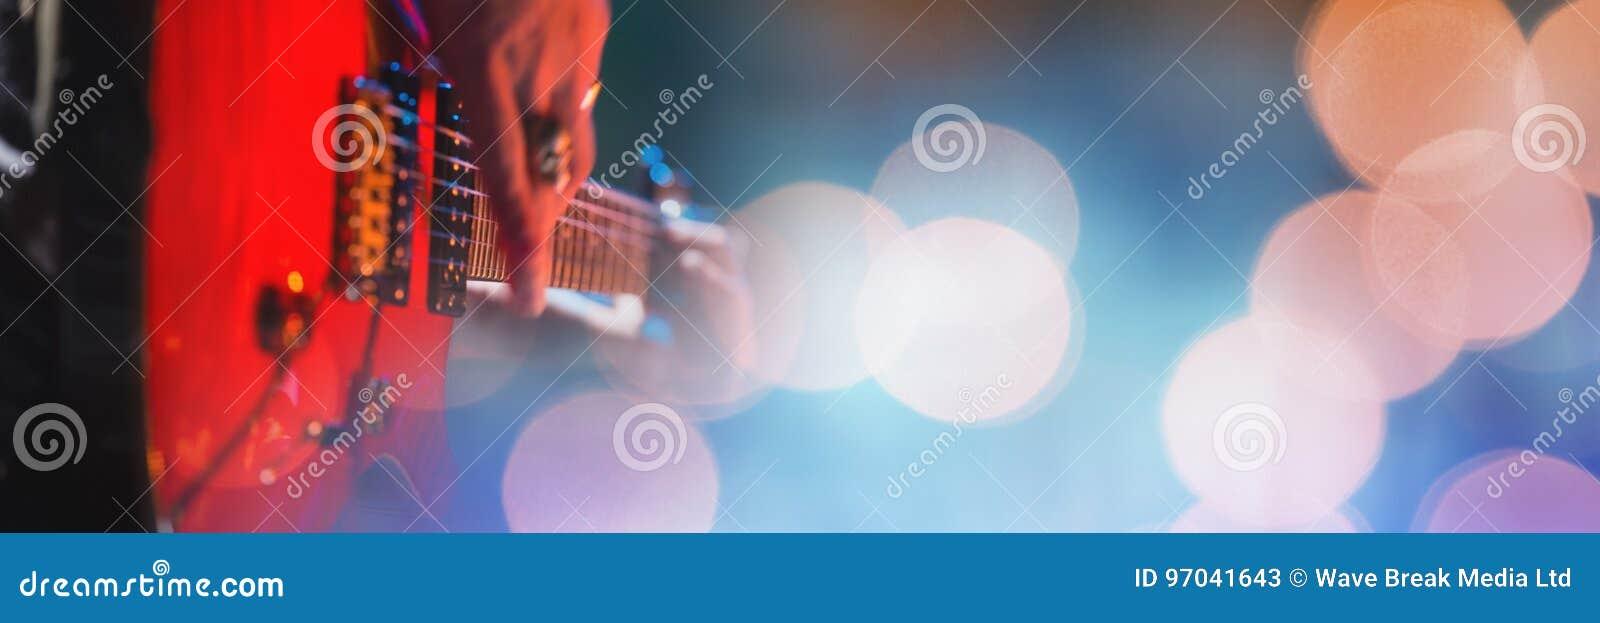 Persoon die elektrische gitaar met gele lichten spelen